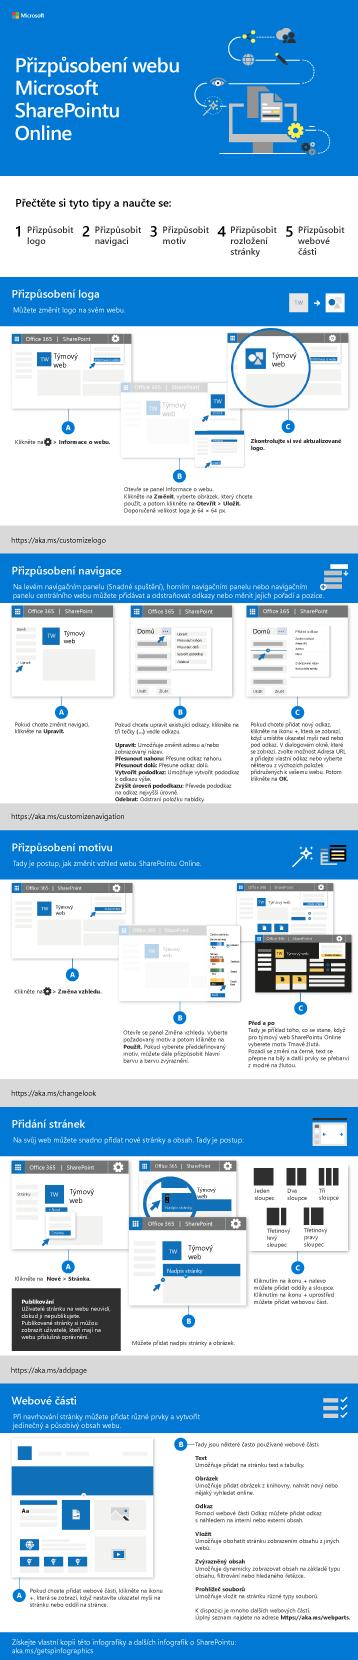 Přizpůsobení sharepointového webu